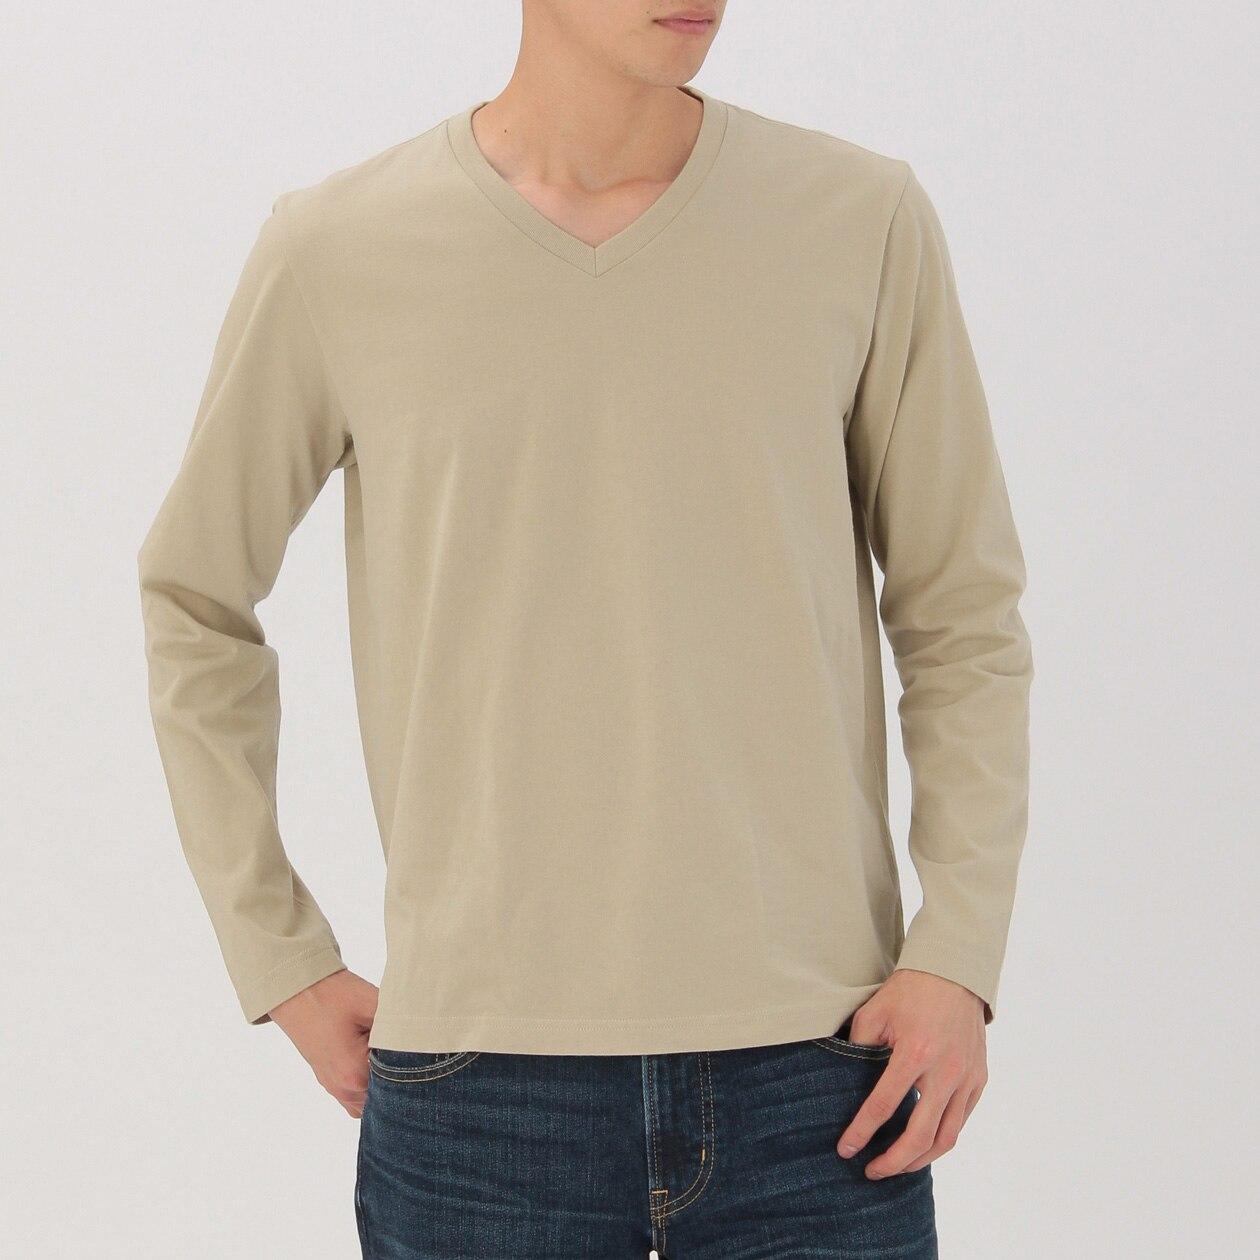 オーガニックコットンVネック長袖Tシャツ